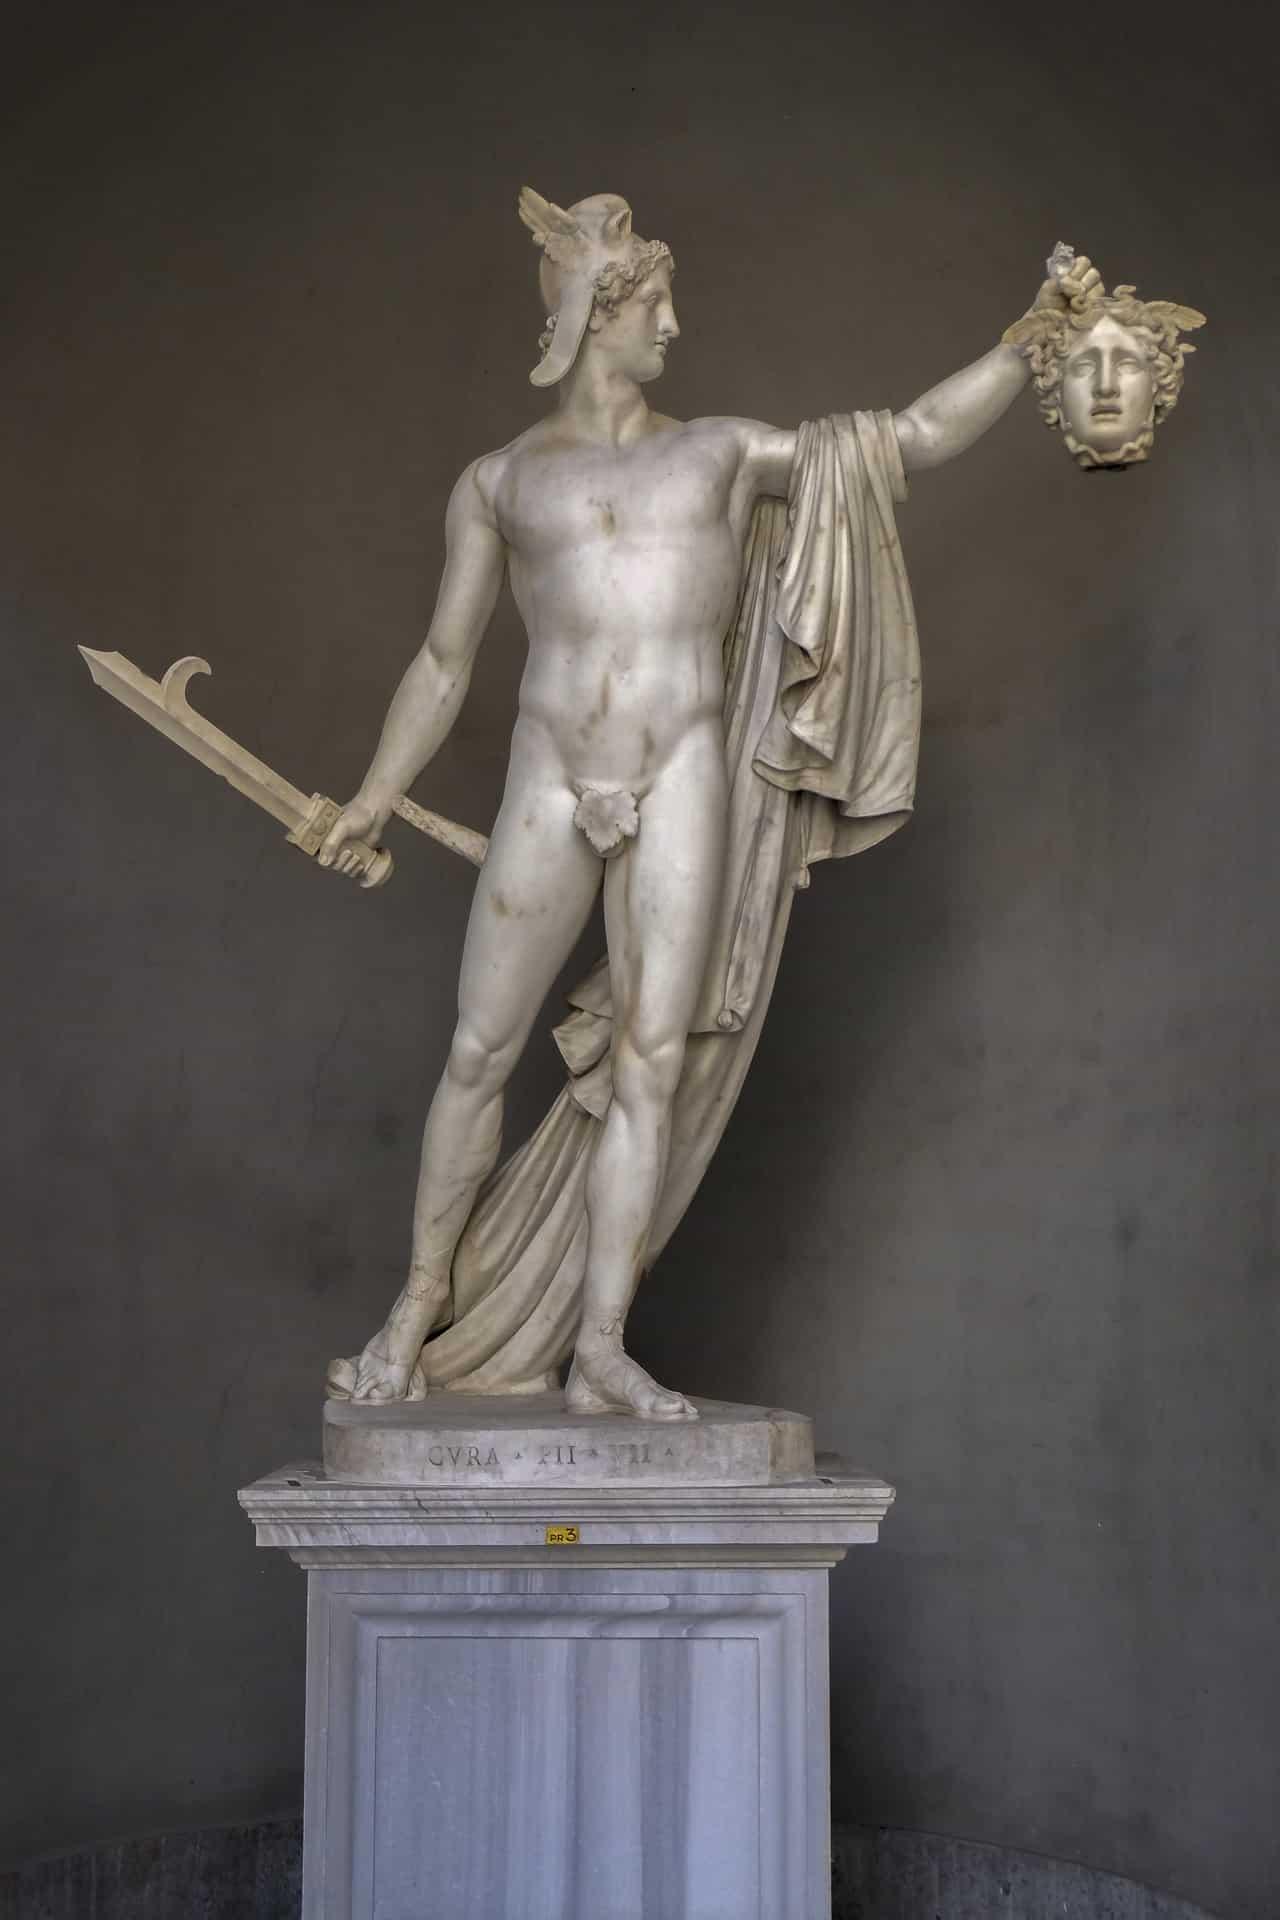 Canova'nın ünlü eseri Perseus ve Medusa